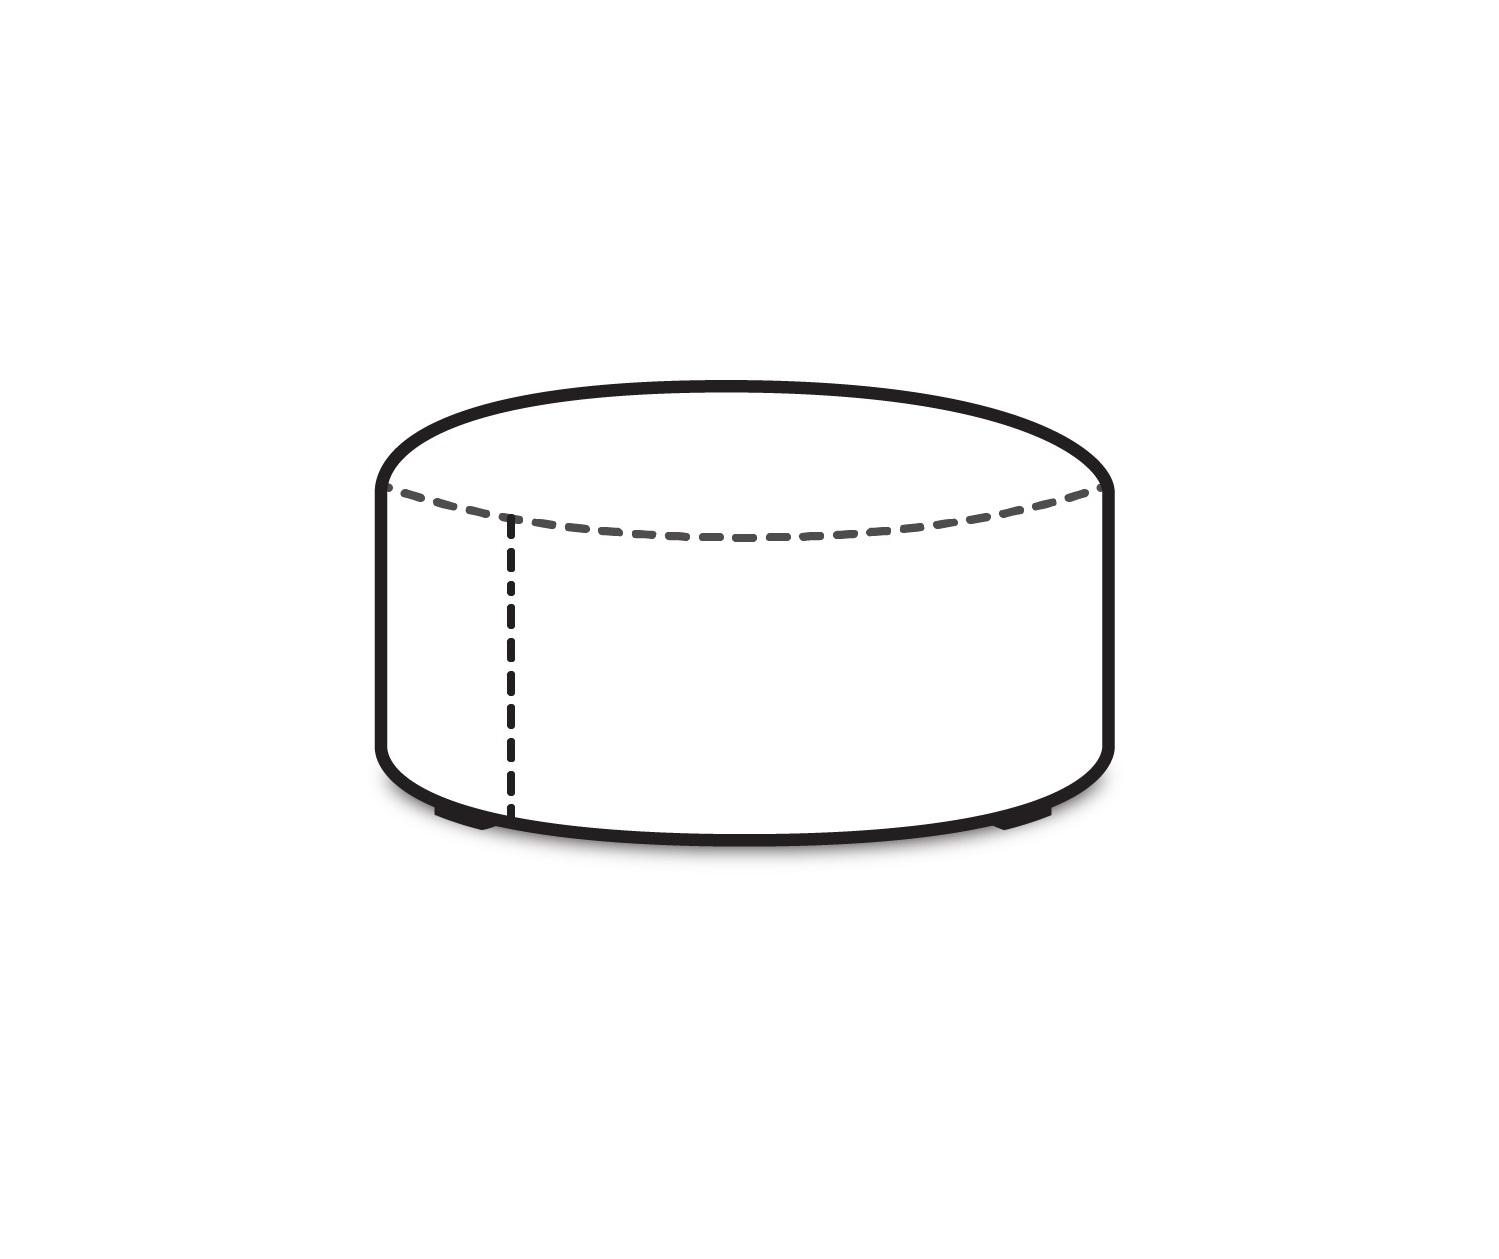 ArtPP Taburetka Dot Mini - PPY-98 Prevedenie: 1. cenová skupina látok